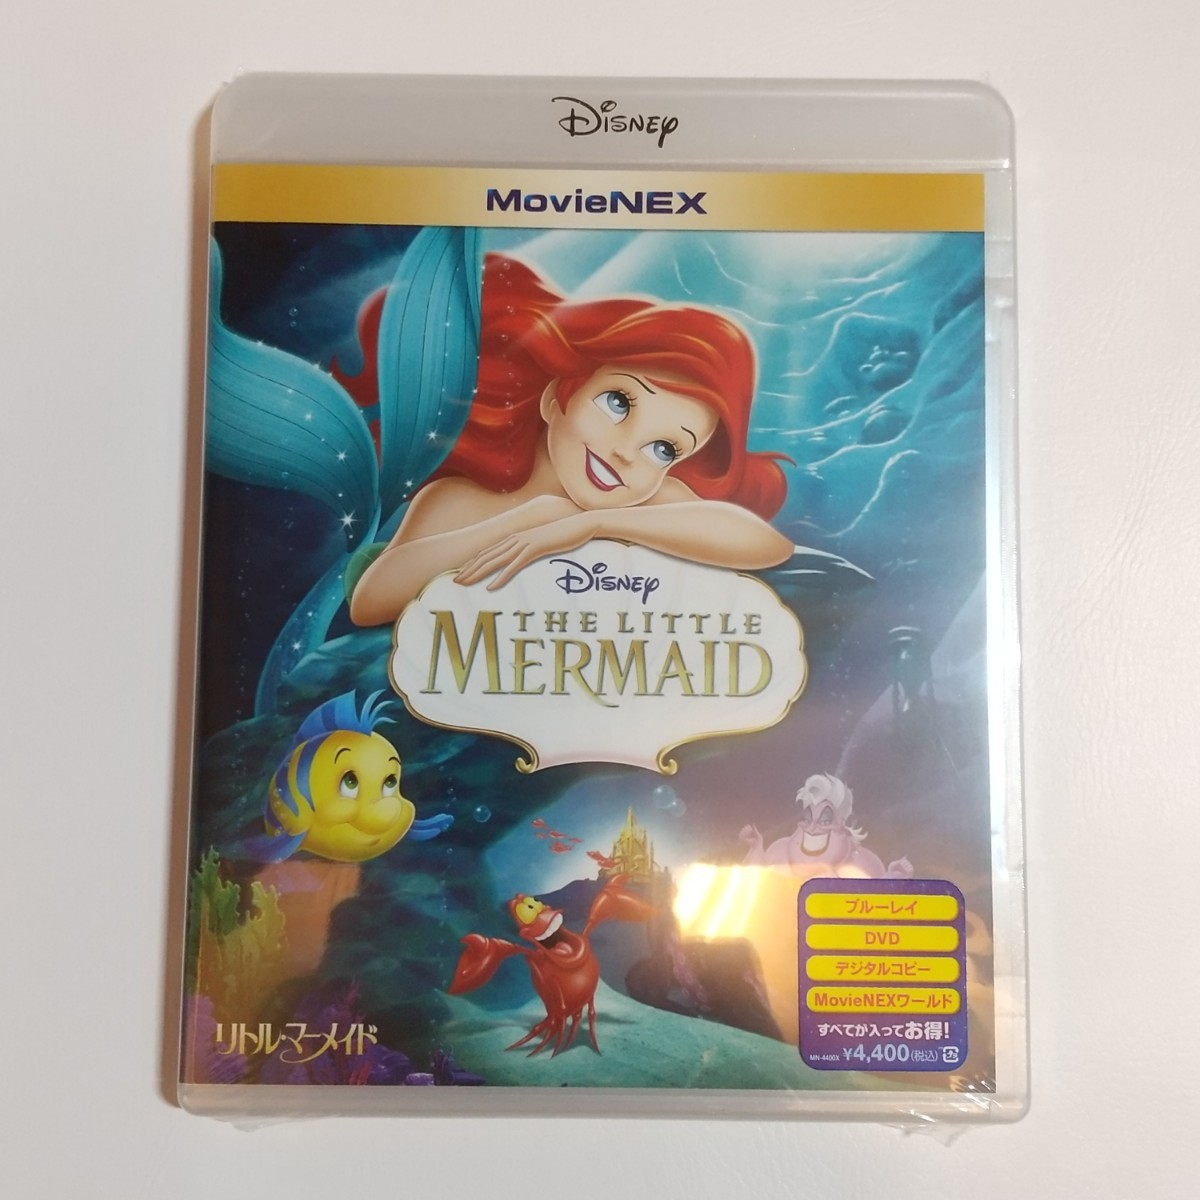 新品未開封 ディズニー リトル・マーメイド  MovieNEX  Blu-ray +DVD+デジタルコピー Magicコード